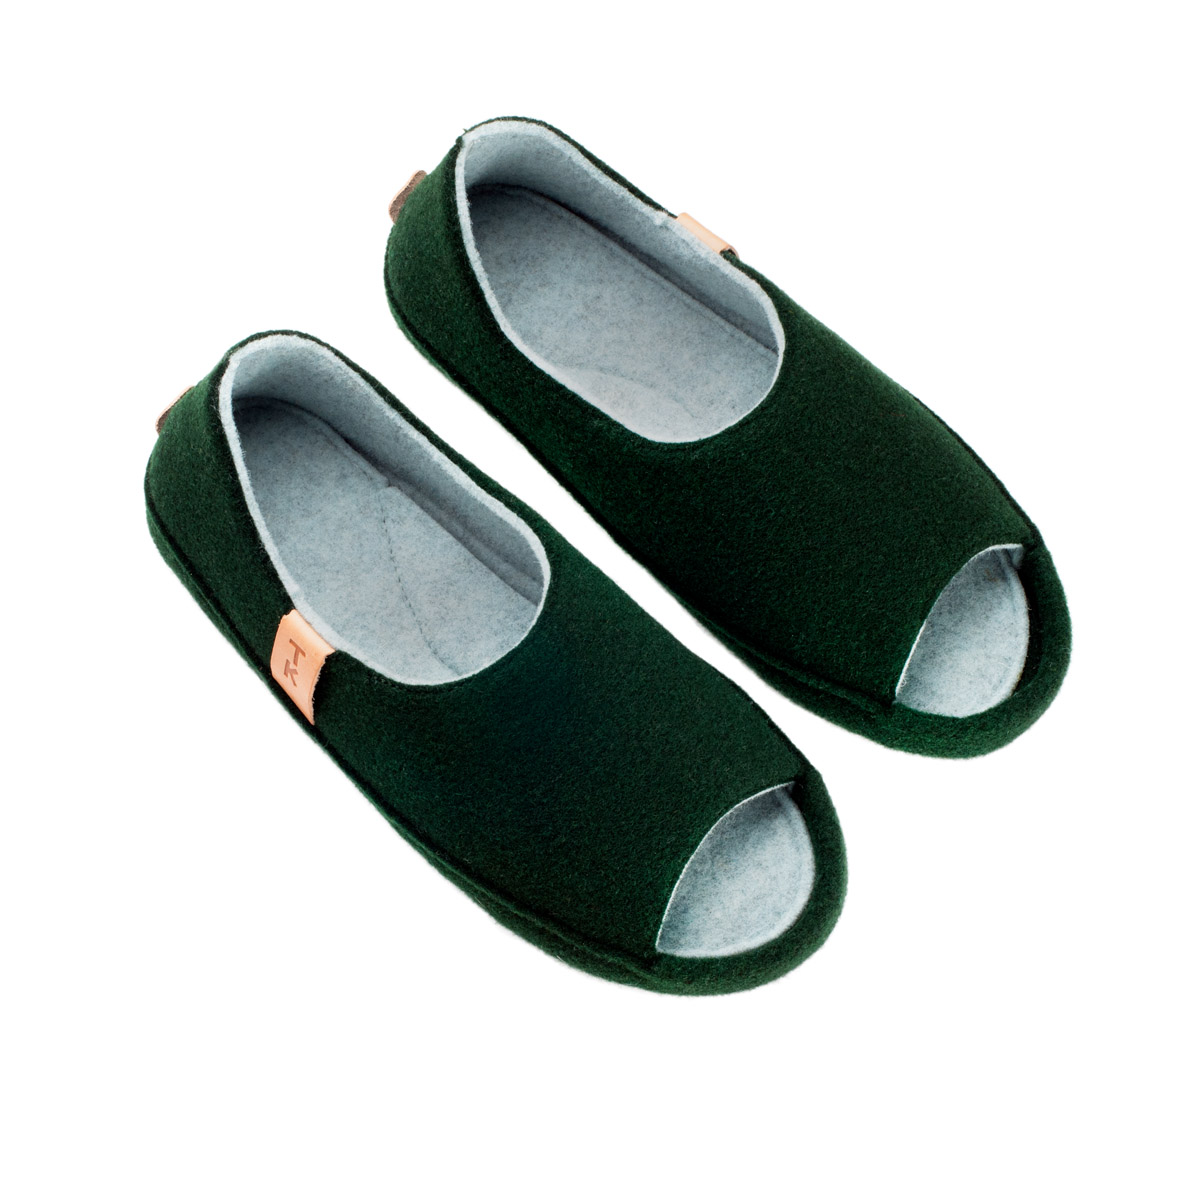 handmade wool slippers for men